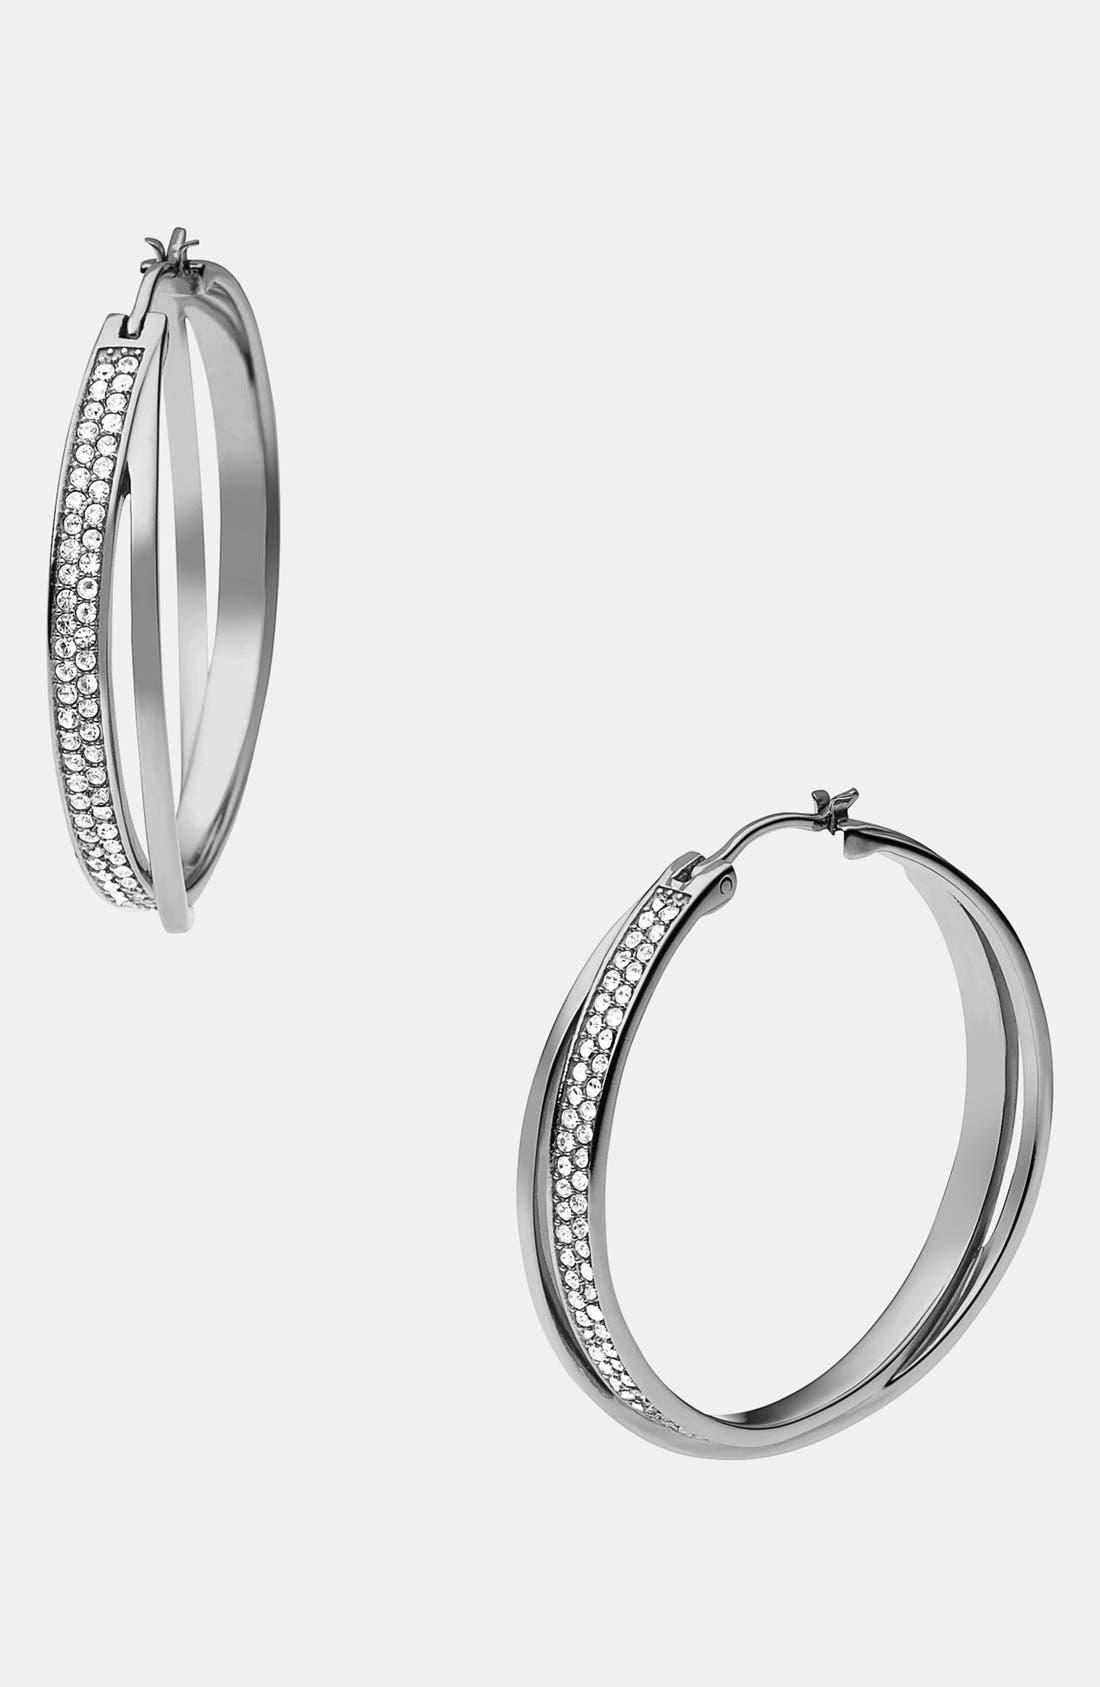 Main Image - Michael Kors 'Brilliance' Hoop Earrings